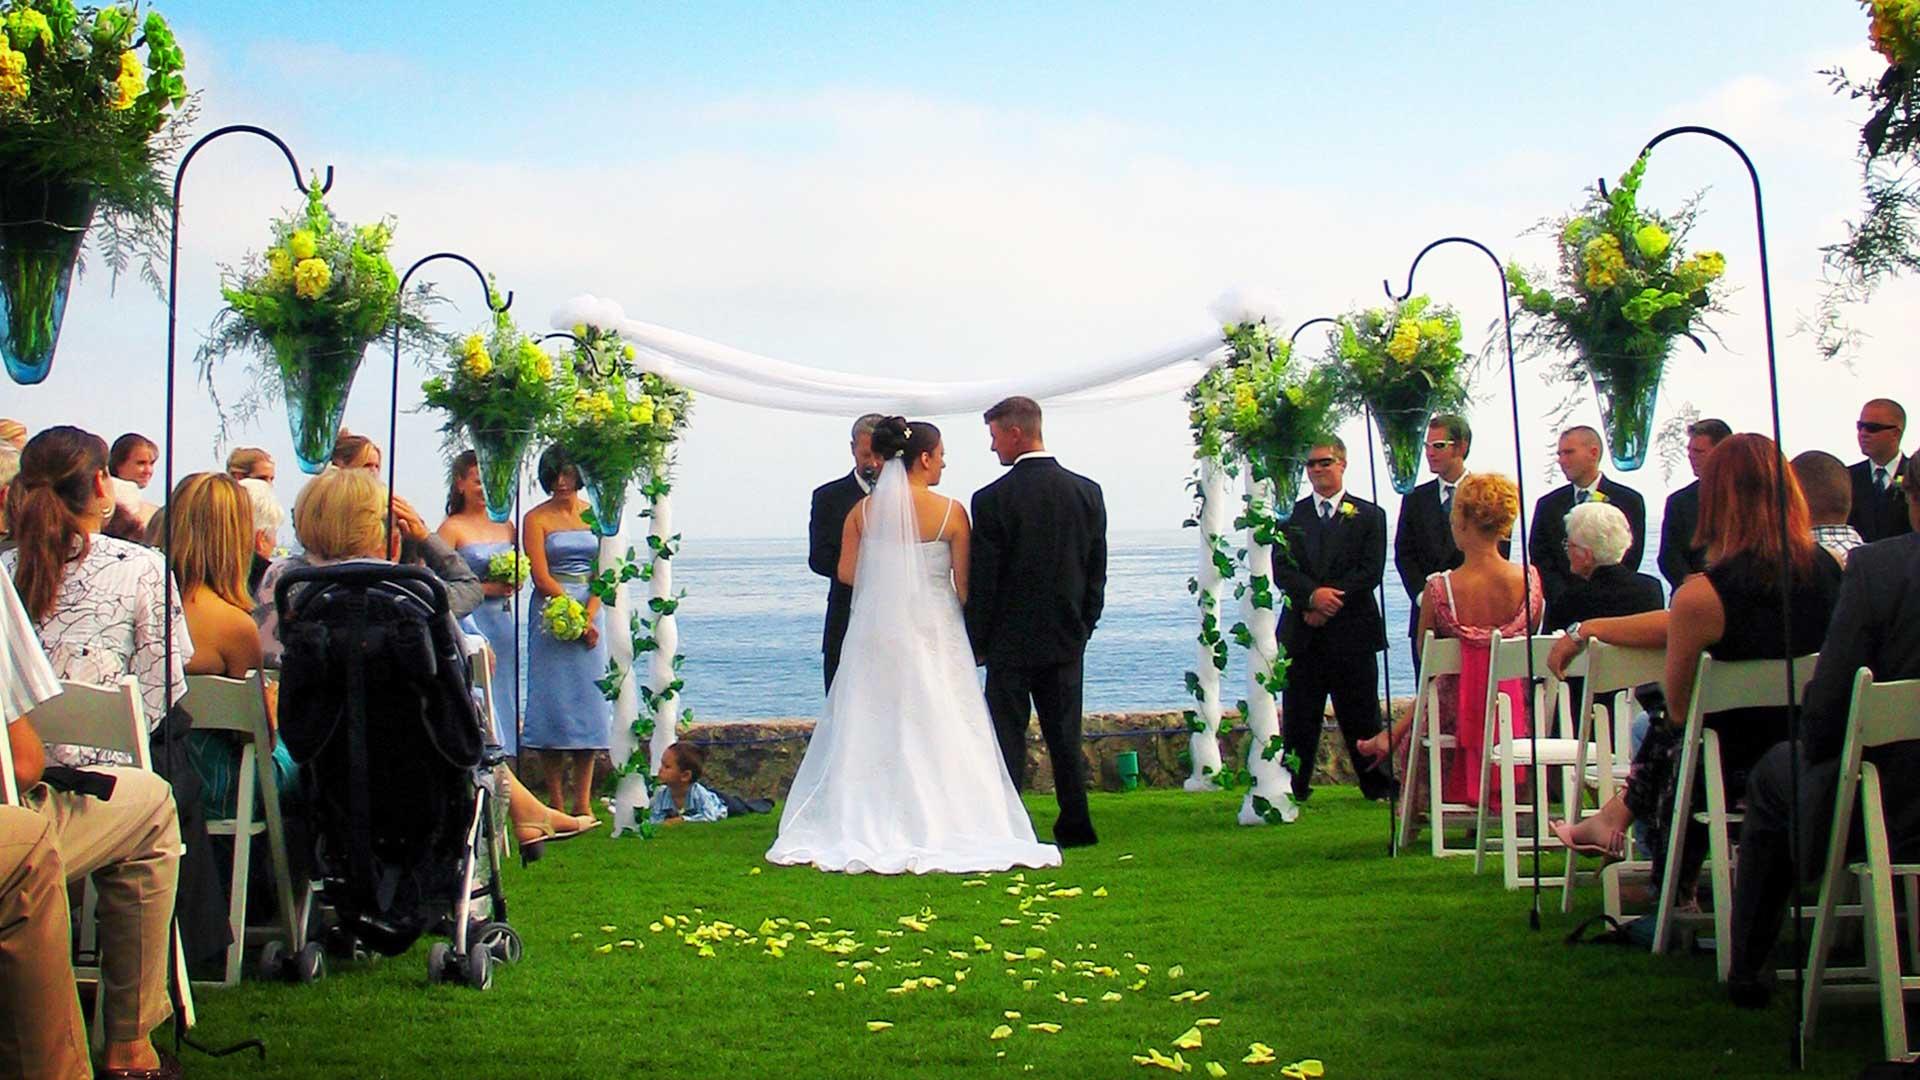 Dj solisti pentru nunta un nou trend pentru petreceri